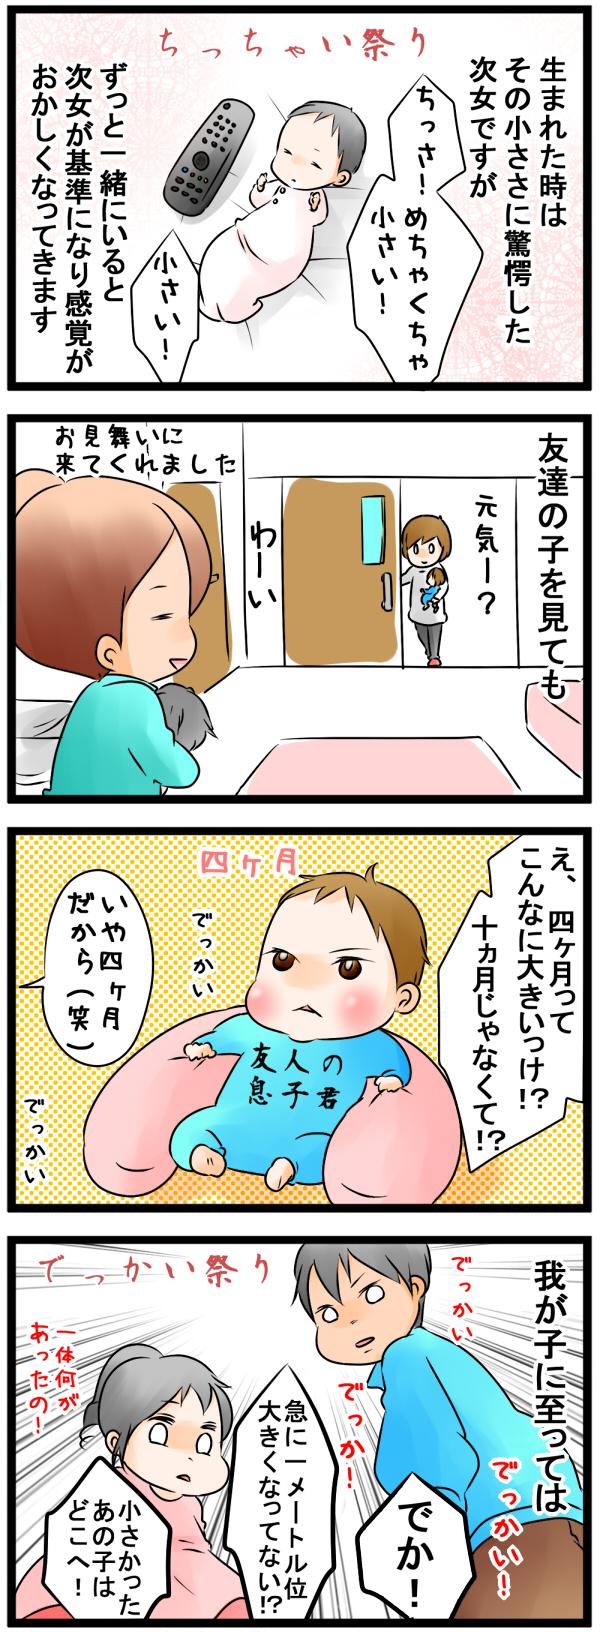 産後は感覚が変化する!?小さい新生児を目の前にすると…の画像1